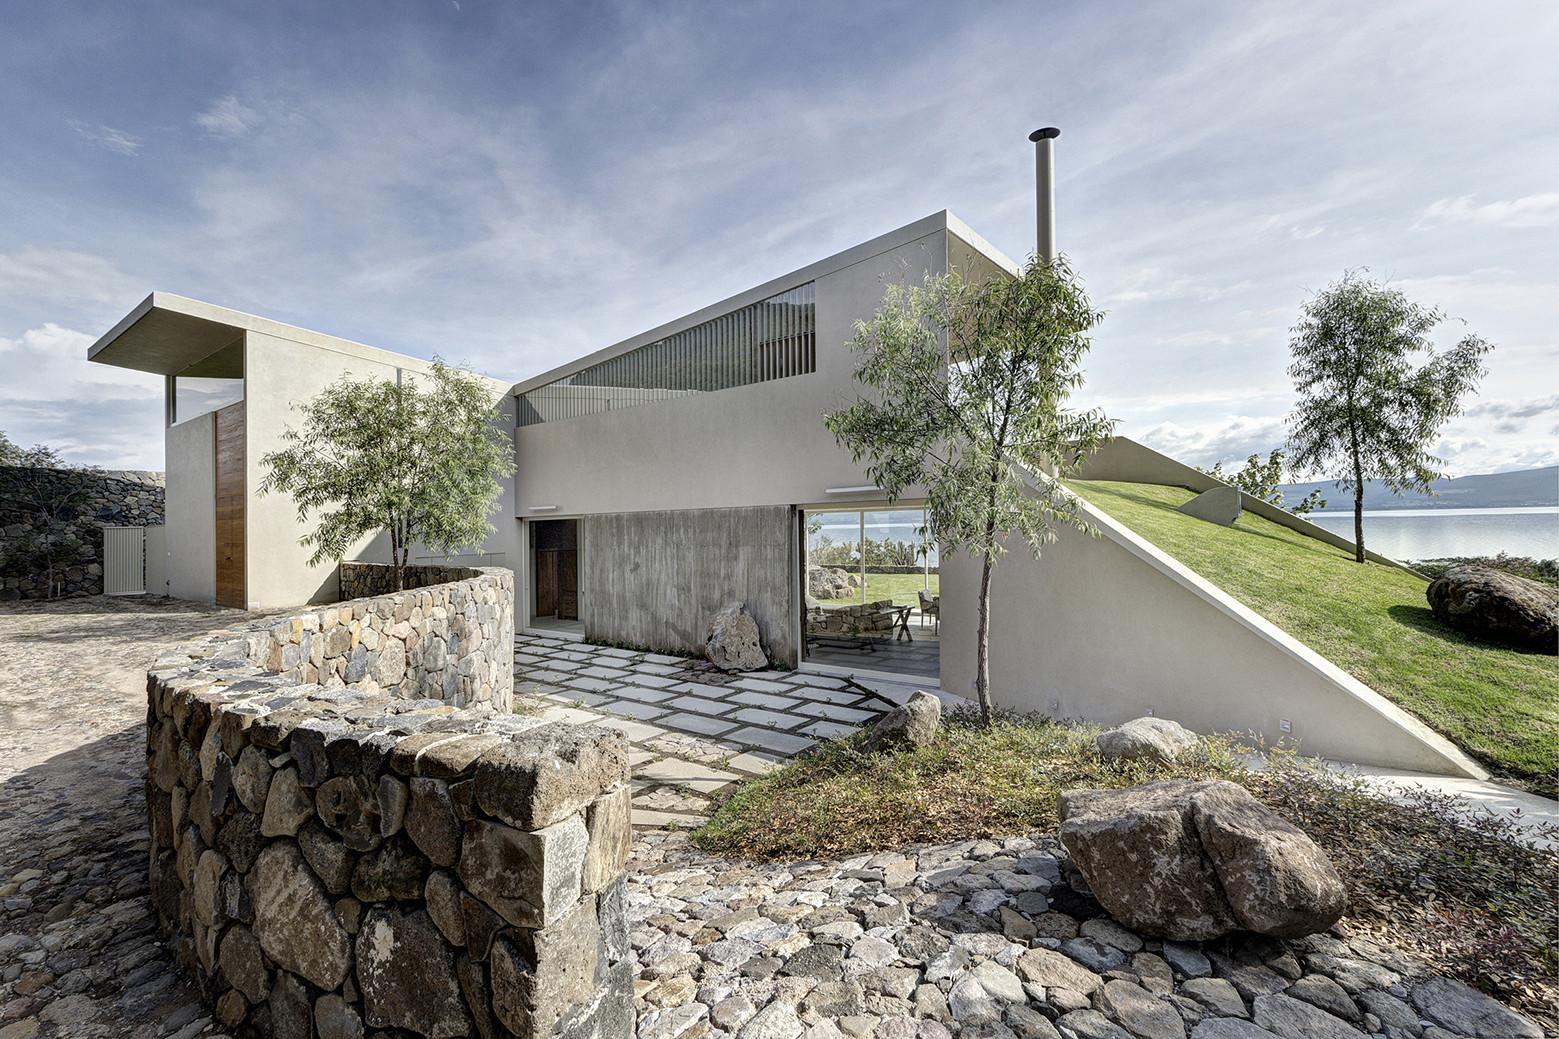 Lake House / Juan Ignacio Castiello Arquitectos, © Marcos García